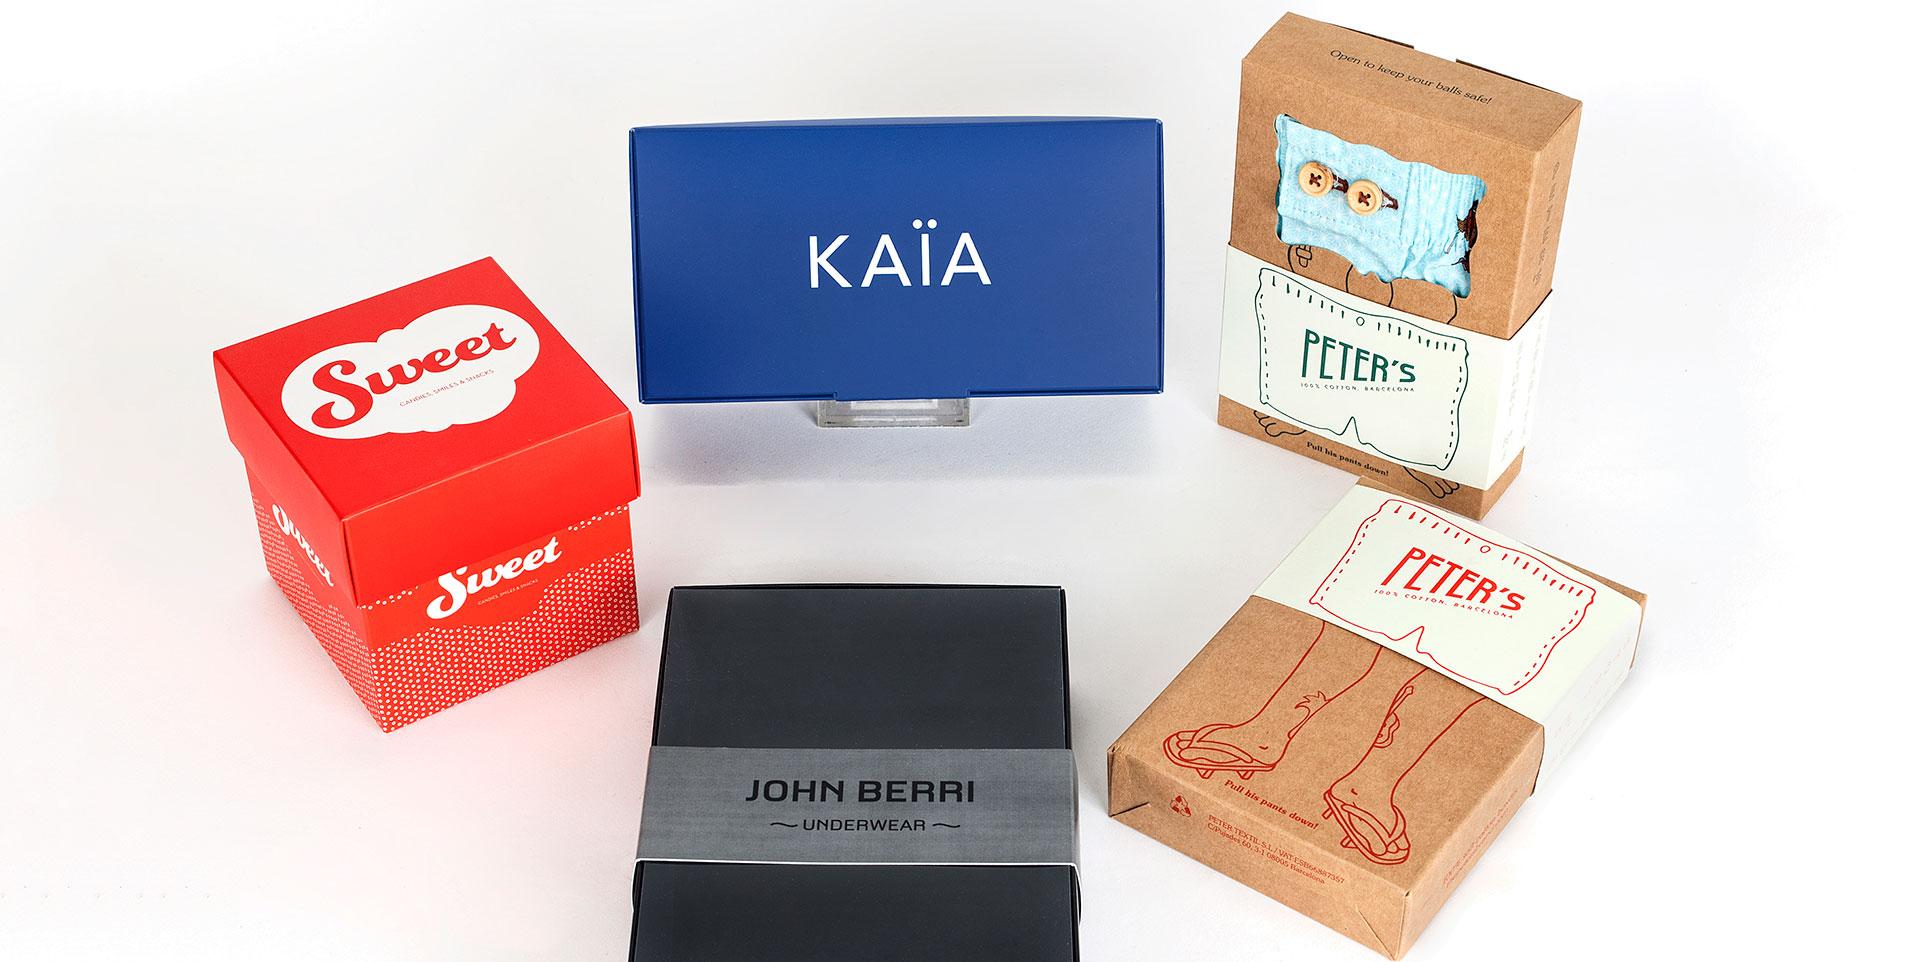 fabricante-de-cajas-de-carton-a-medida-y-personalizadas-automontables-1.jpg